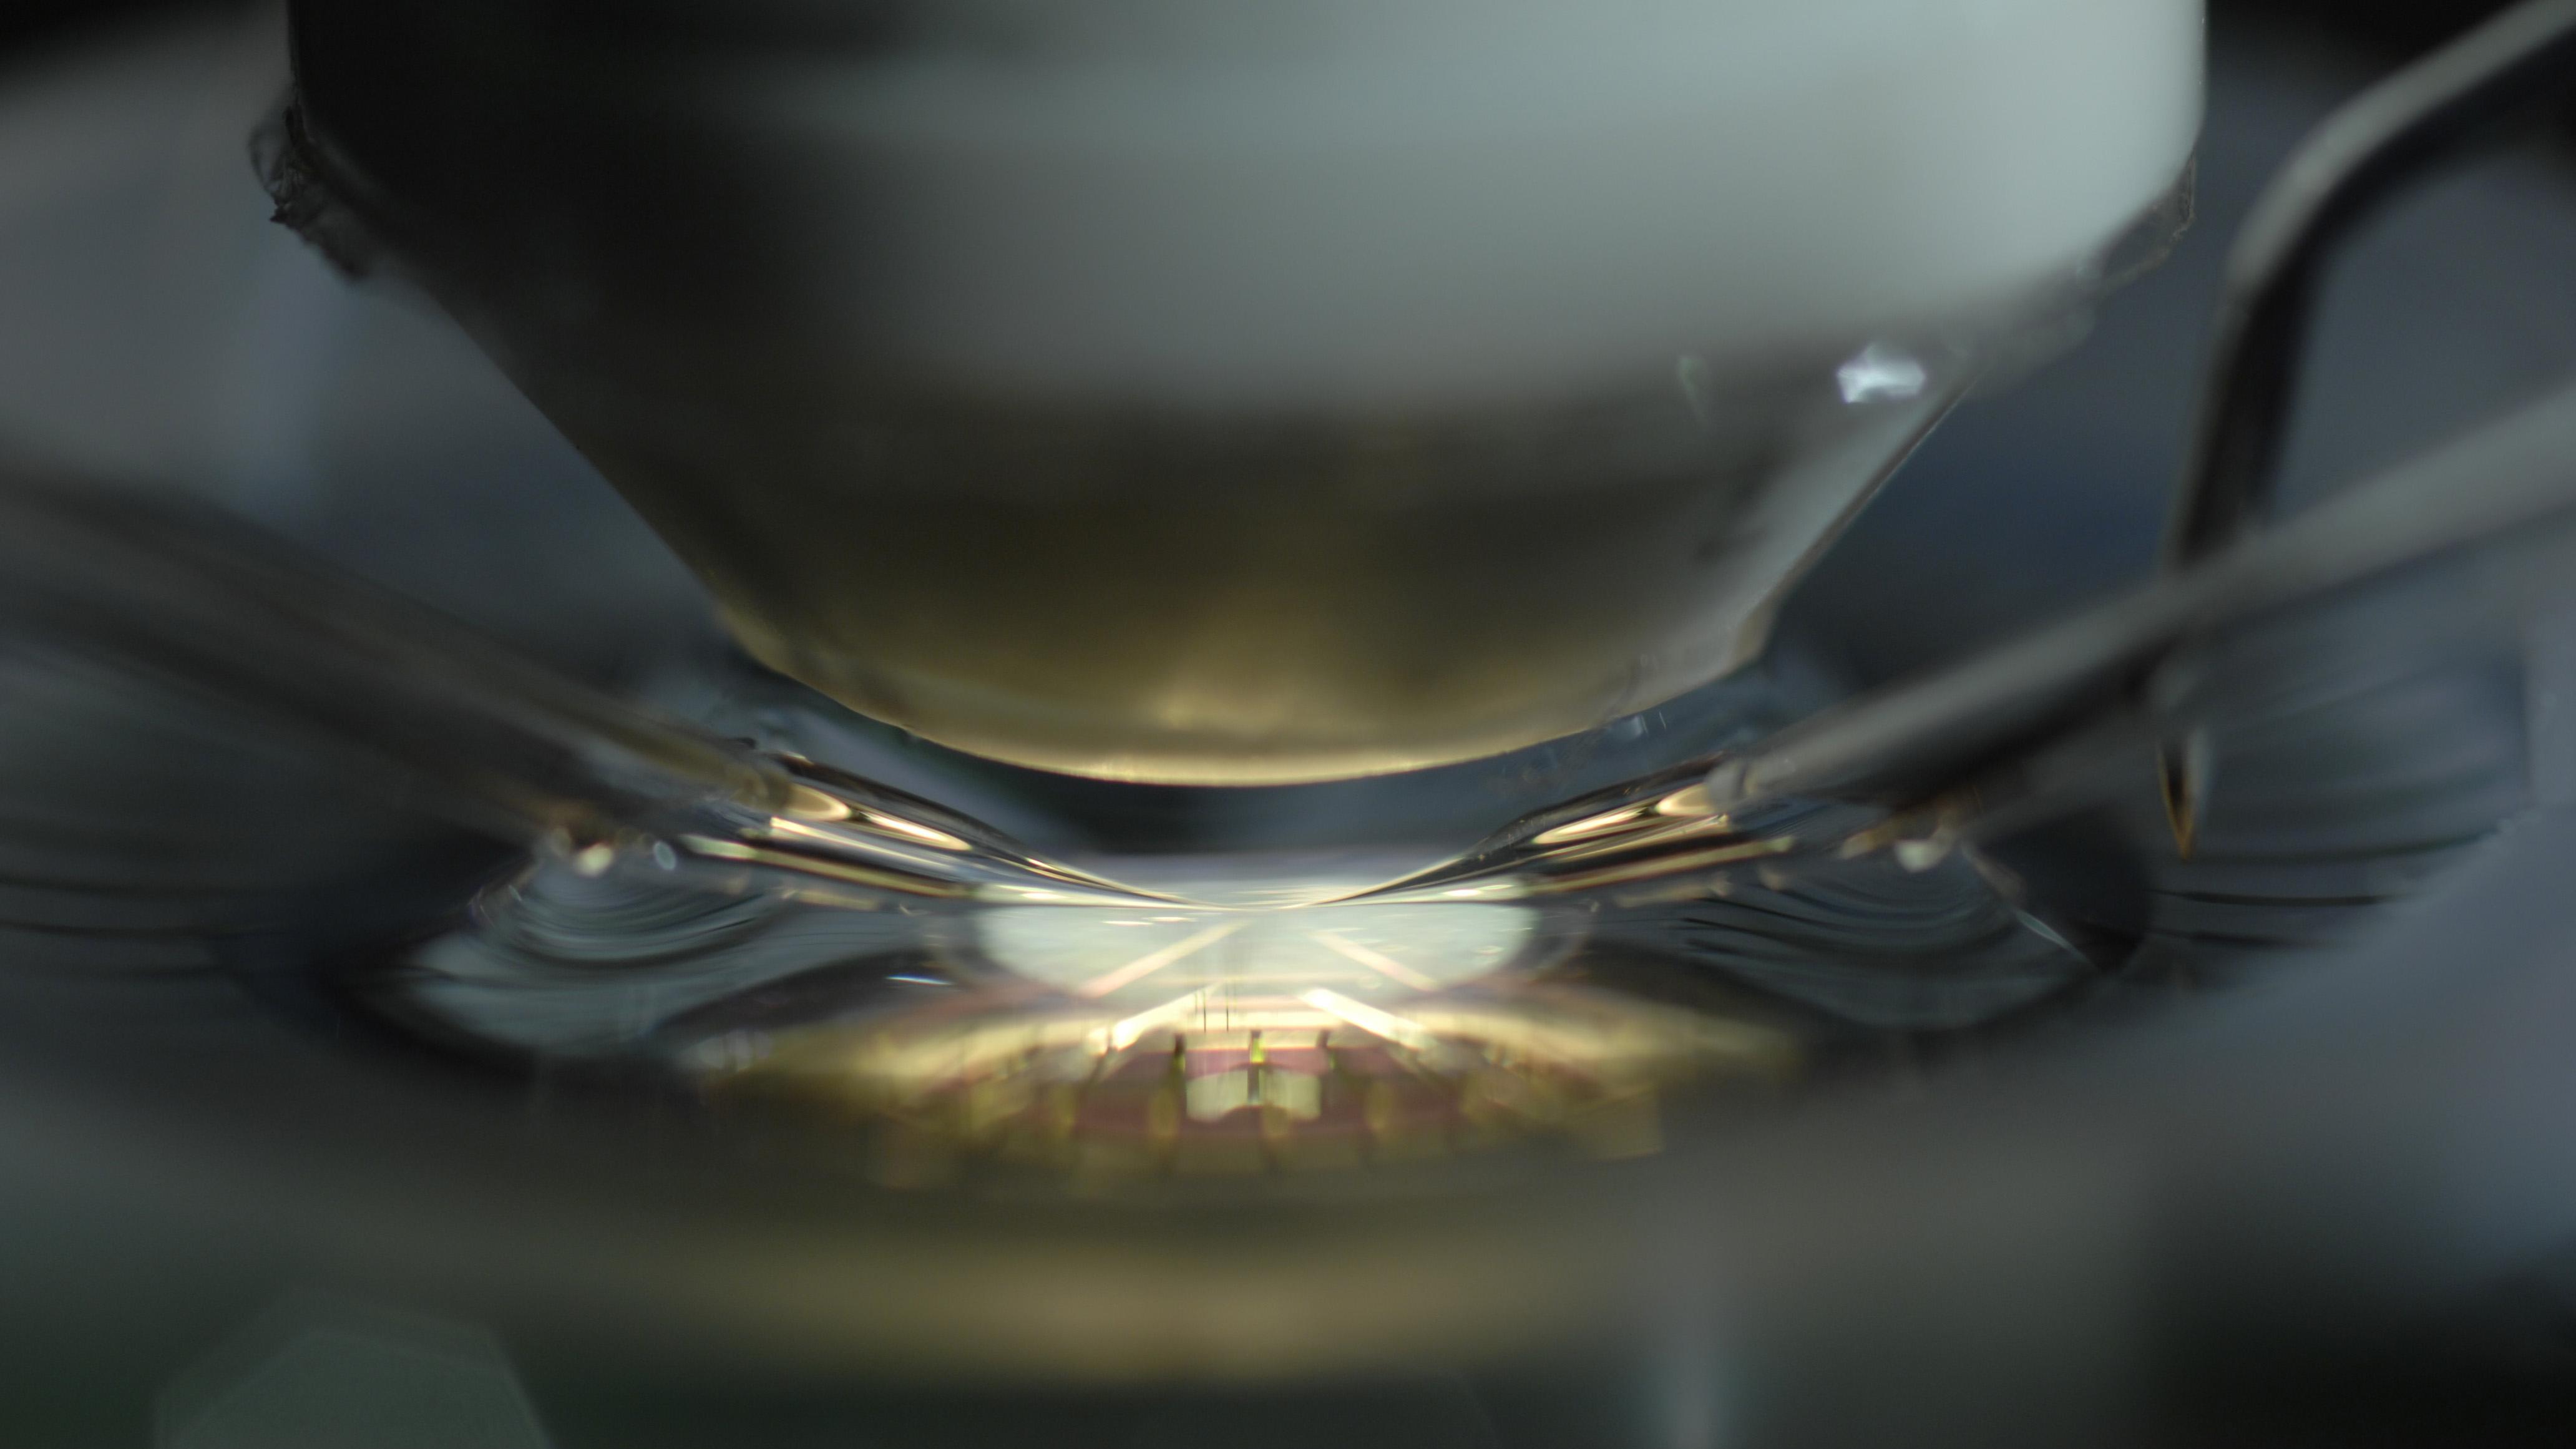 dsc6154-mikroskop-16x9-foto-bernd-meuller.jpg